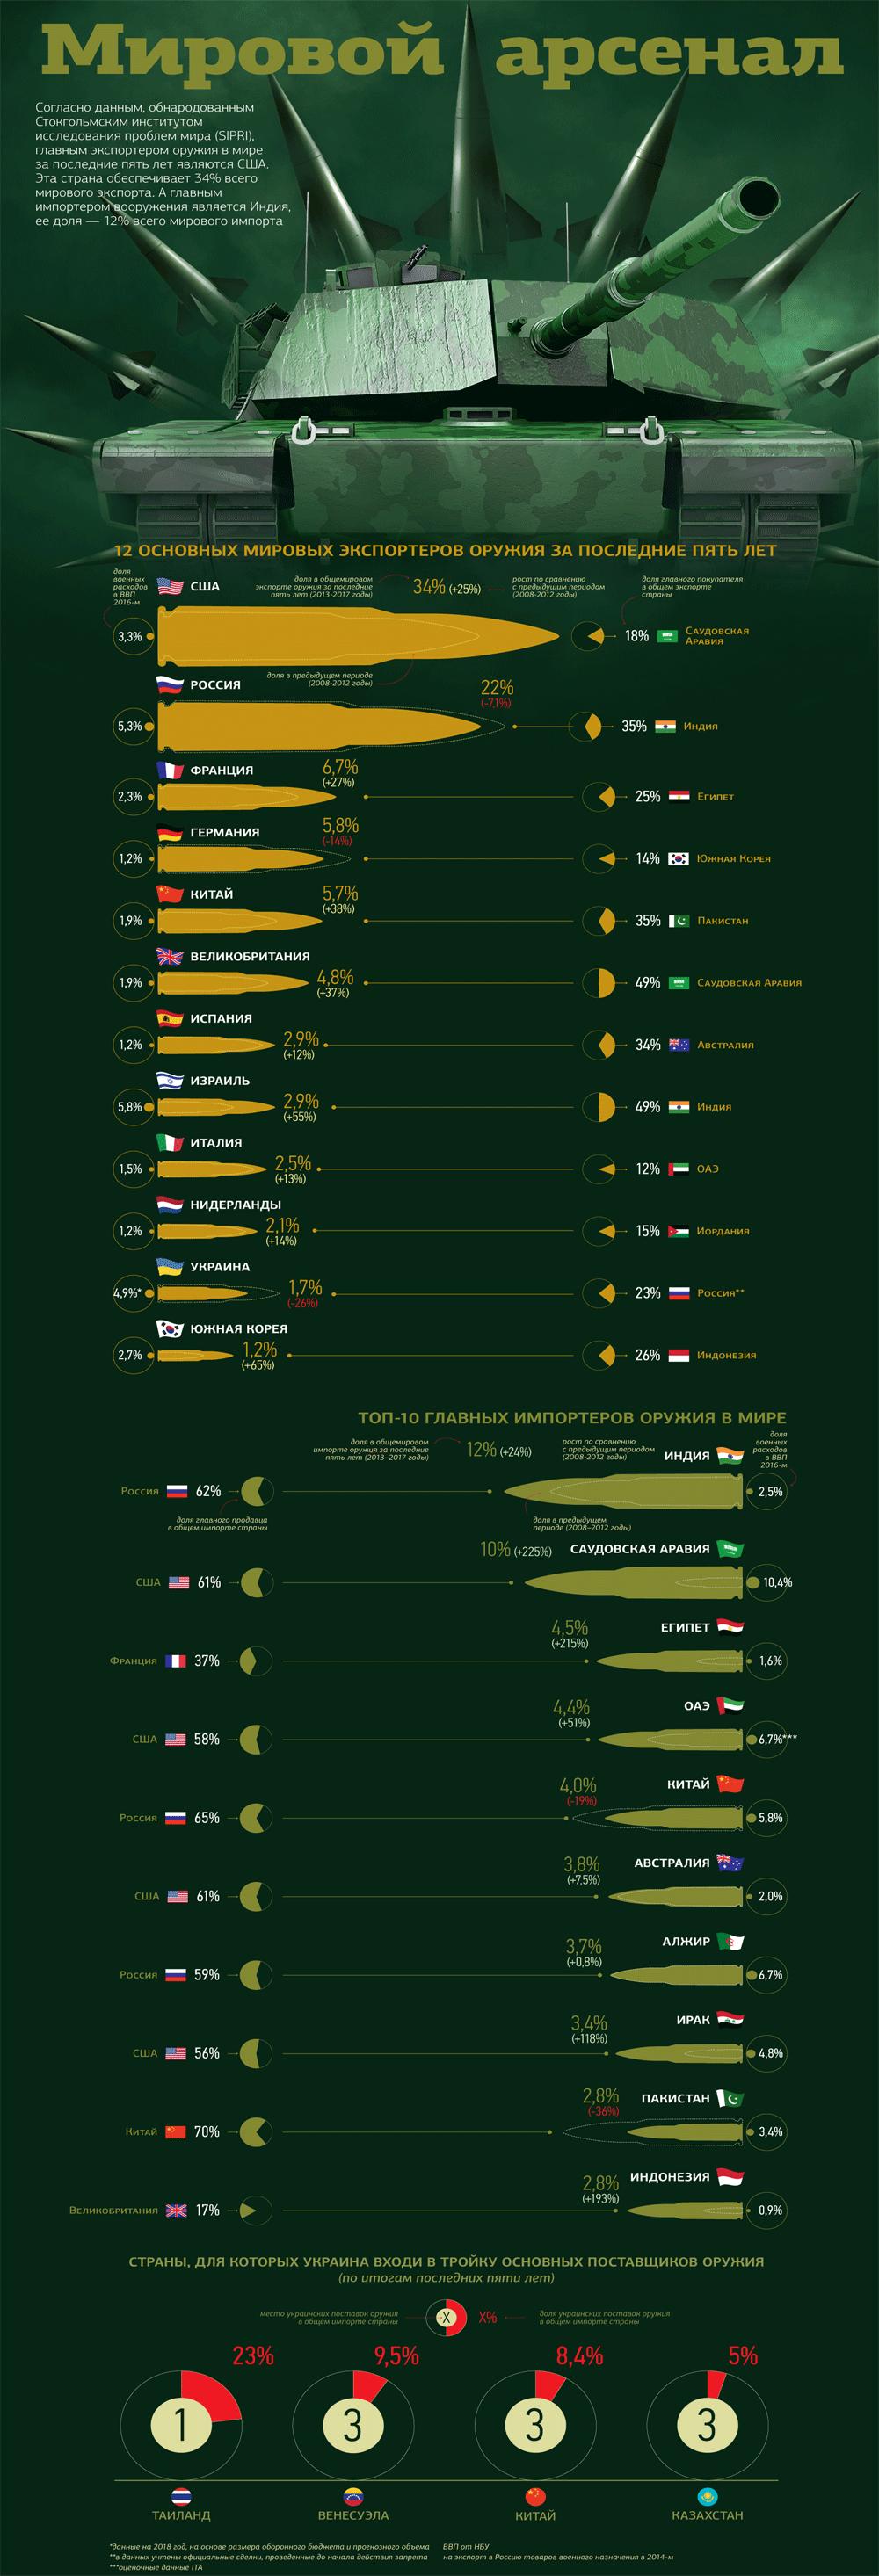 Экспорт оружия в мире, инфографика